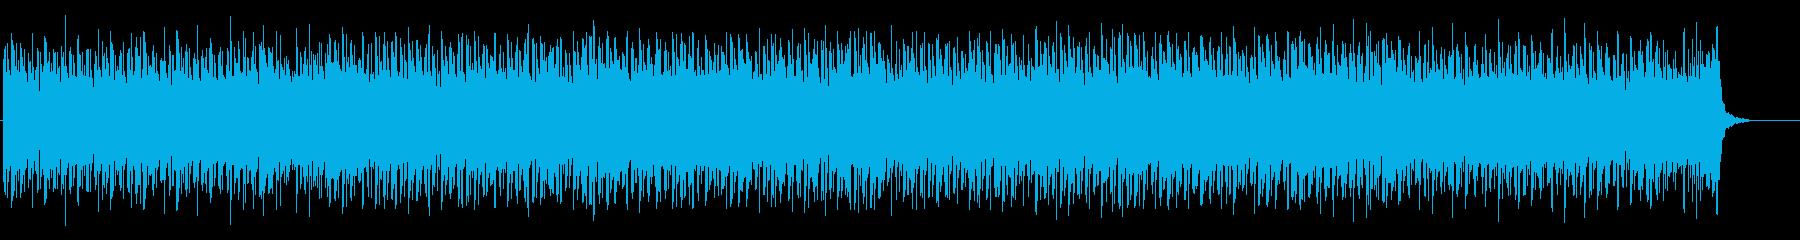 どこか寂しいエレクトロニカBGMの再生済みの波形